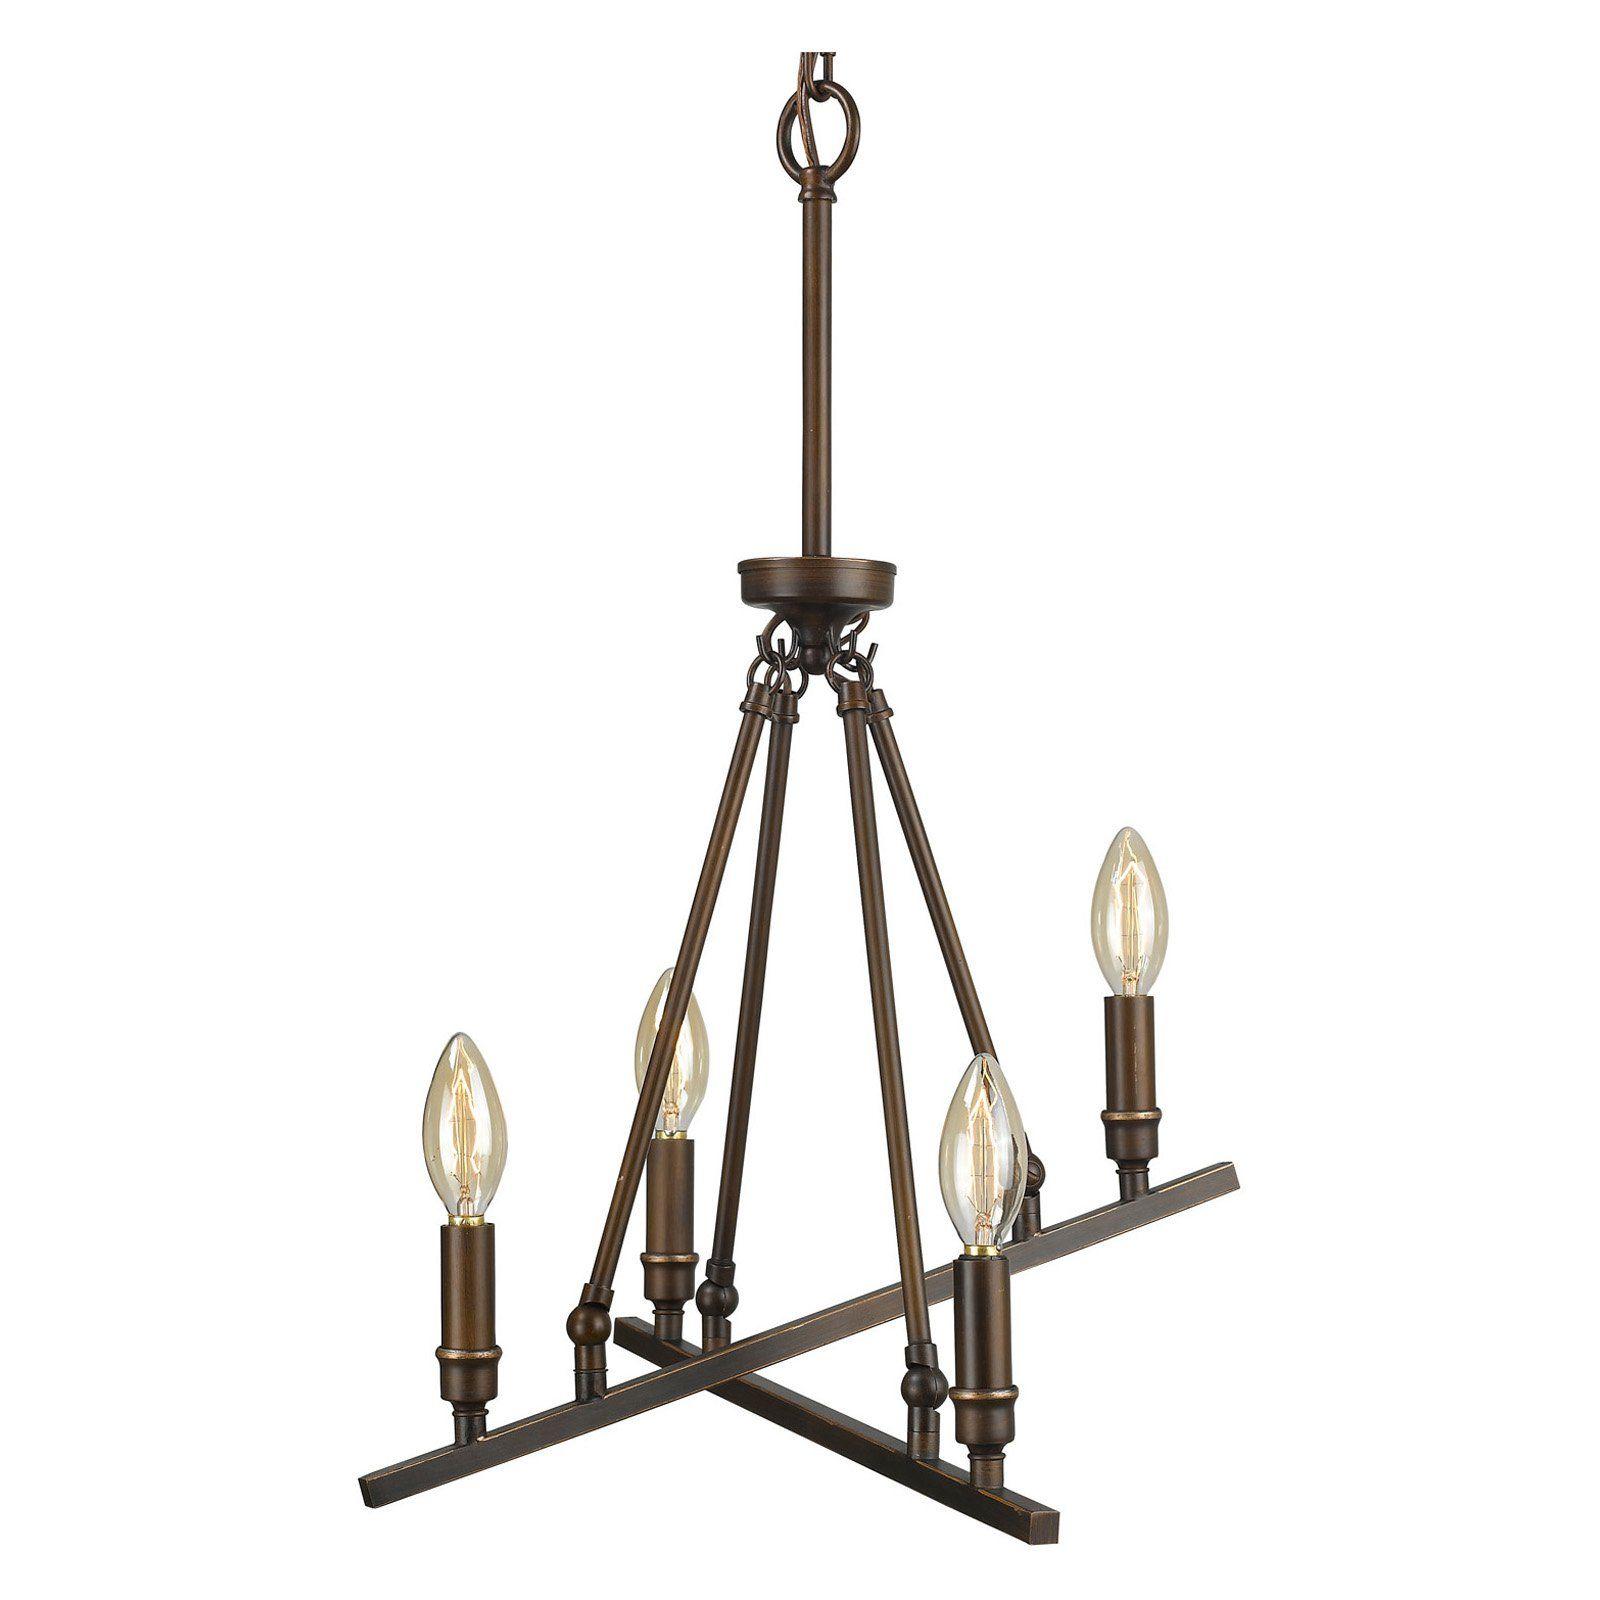 Golden lighting garvin rbz chandelier rbz products